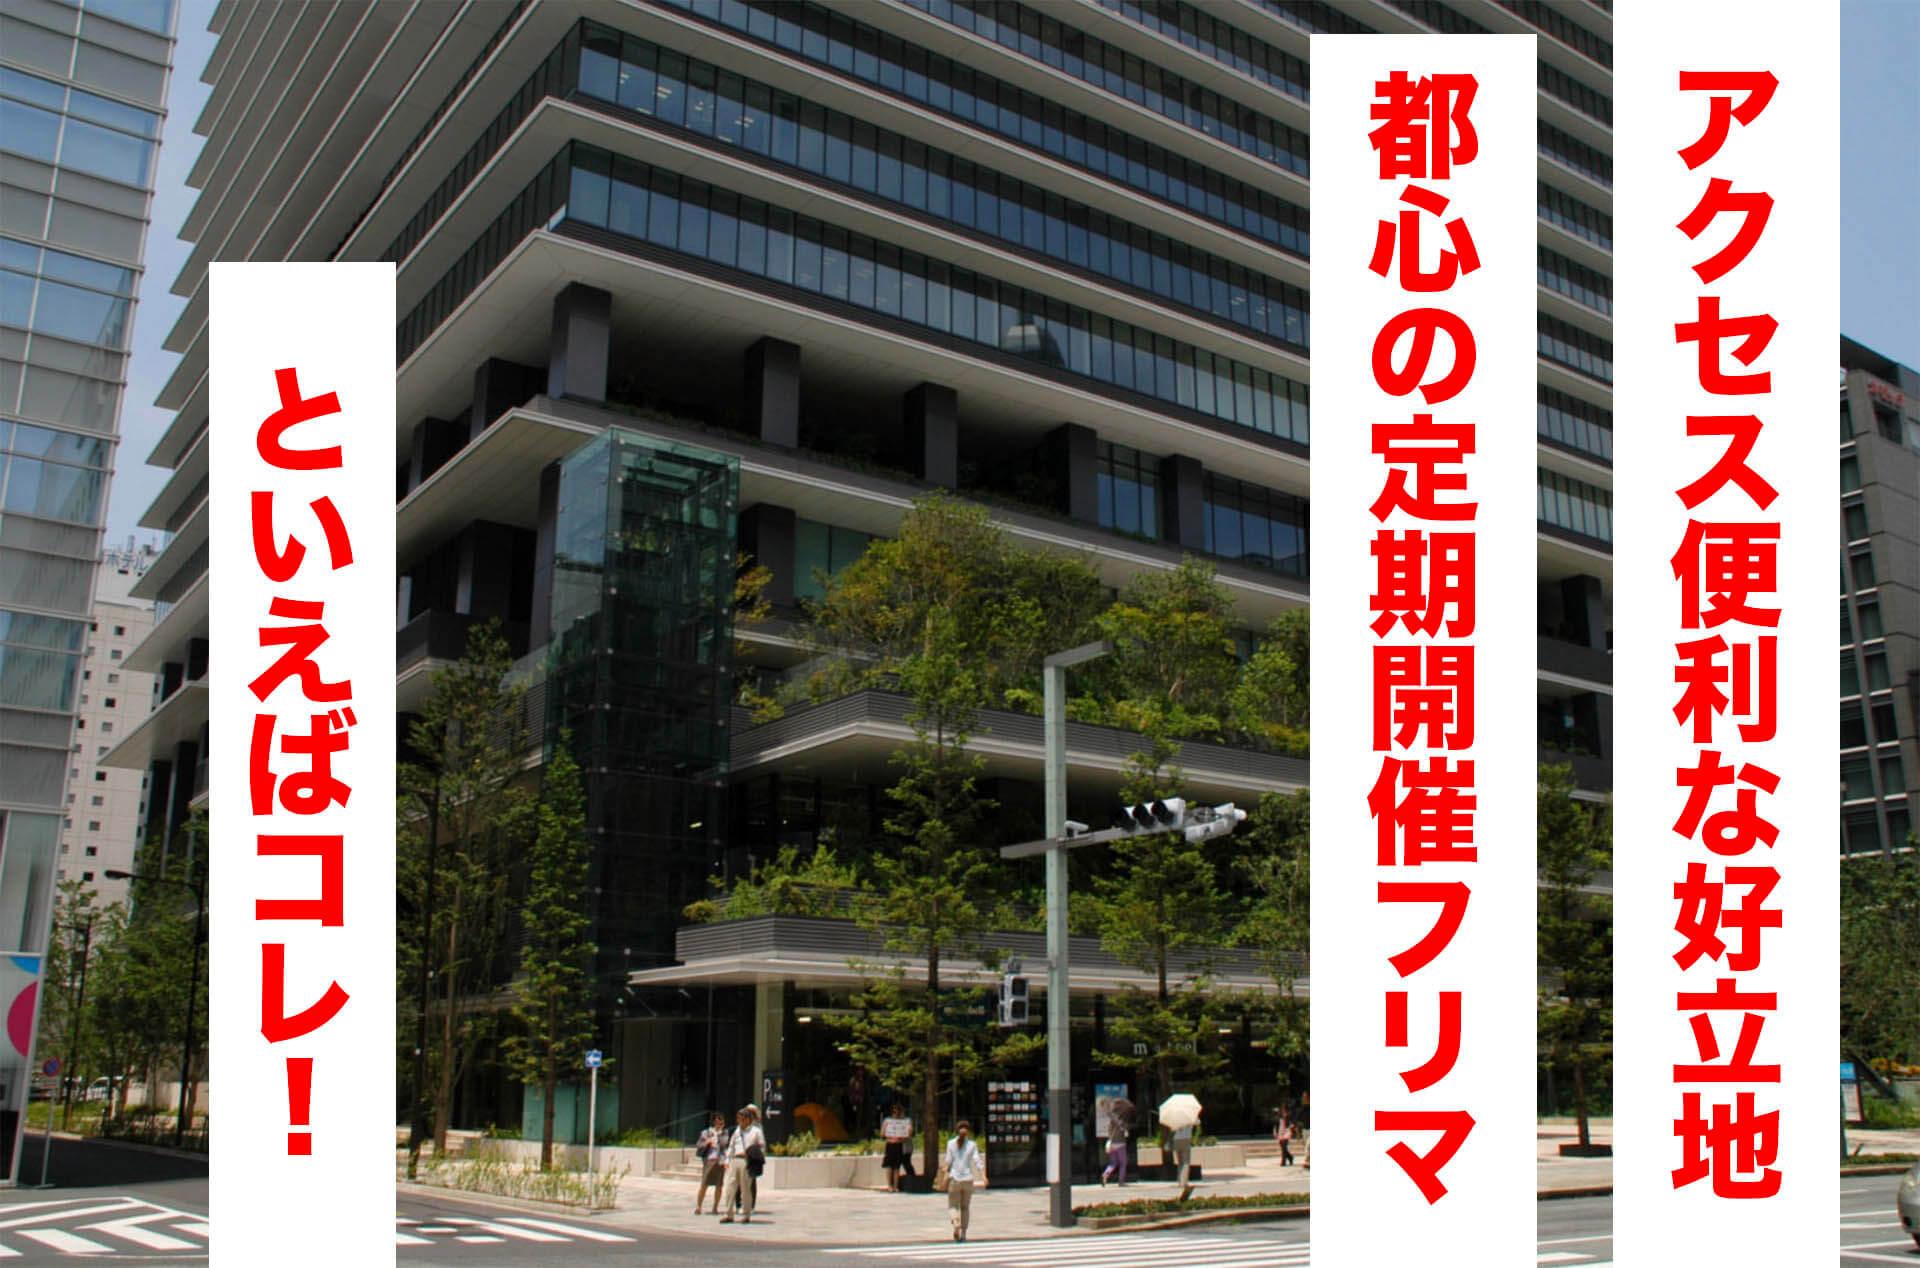 東京スクエアガーデン・青空個展